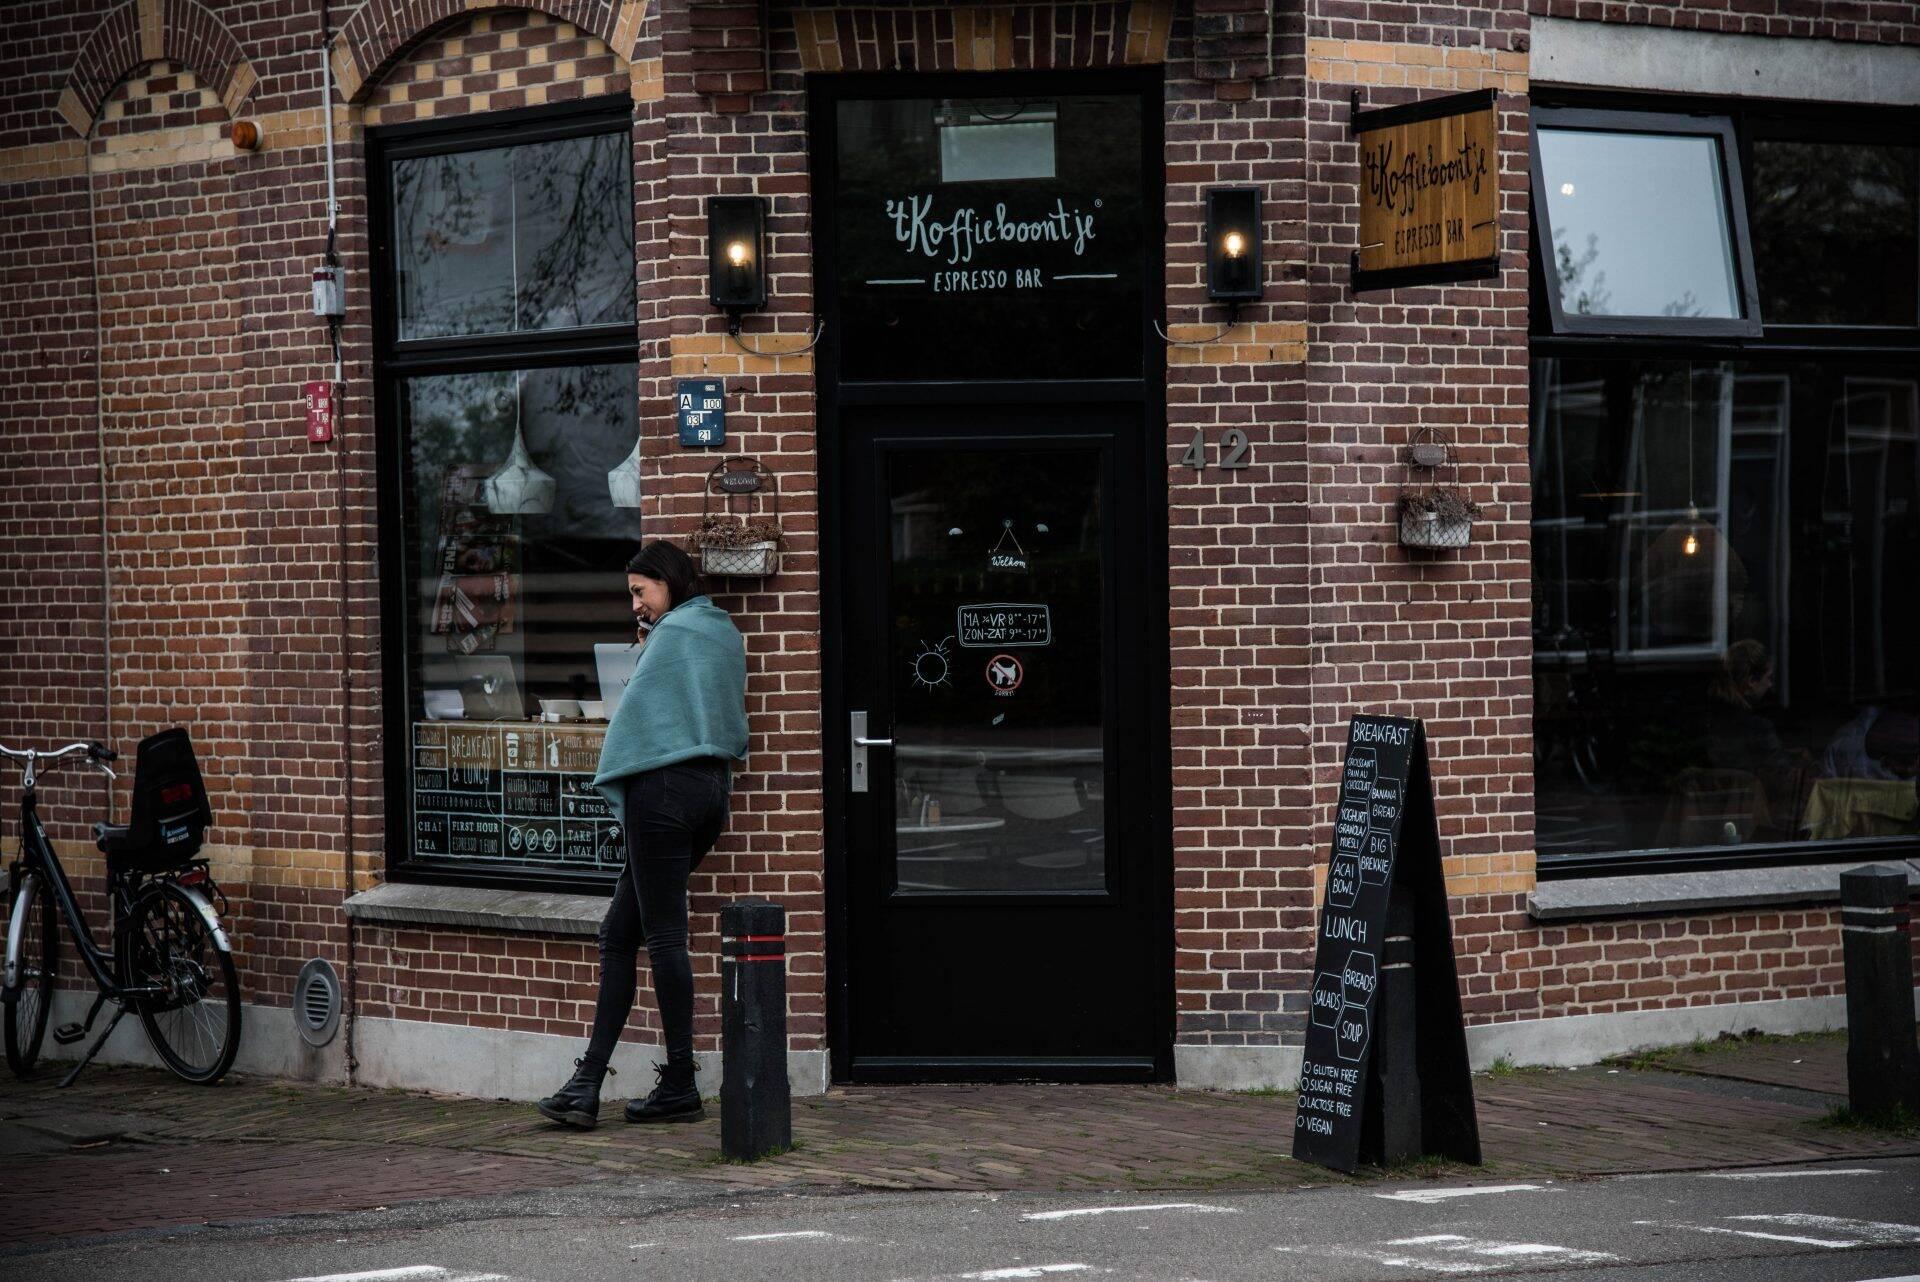 't Koffieboontje II in Utrecht